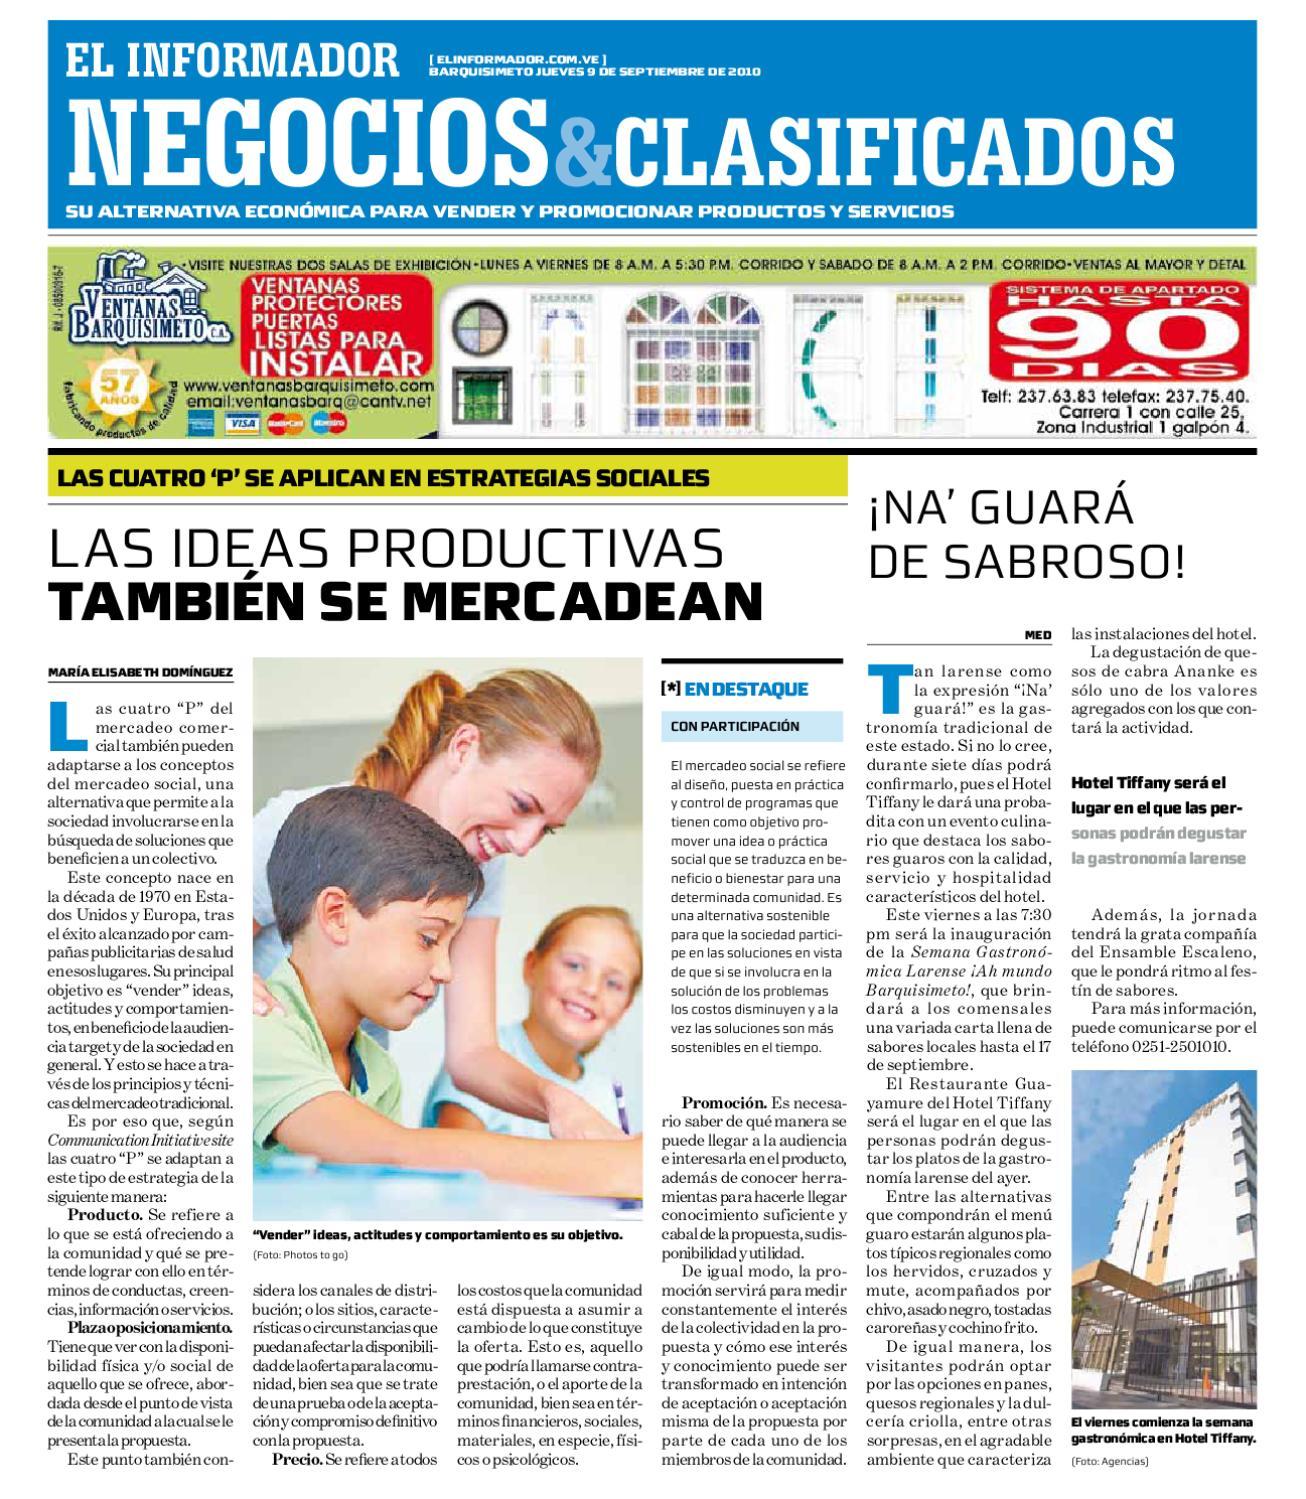 Negocios Y Clasificados 2010 09 09 By El Informador Diario  # Muebles Paquita Santa Cruz De La Zarza